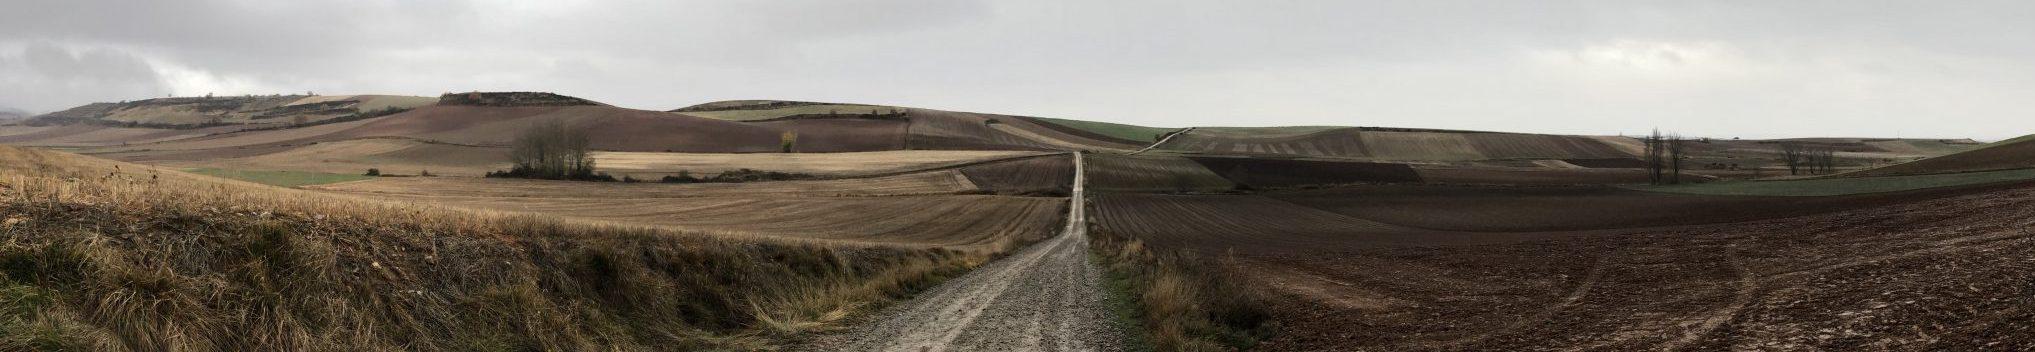 La soledad del Camino de Santiago en invierno